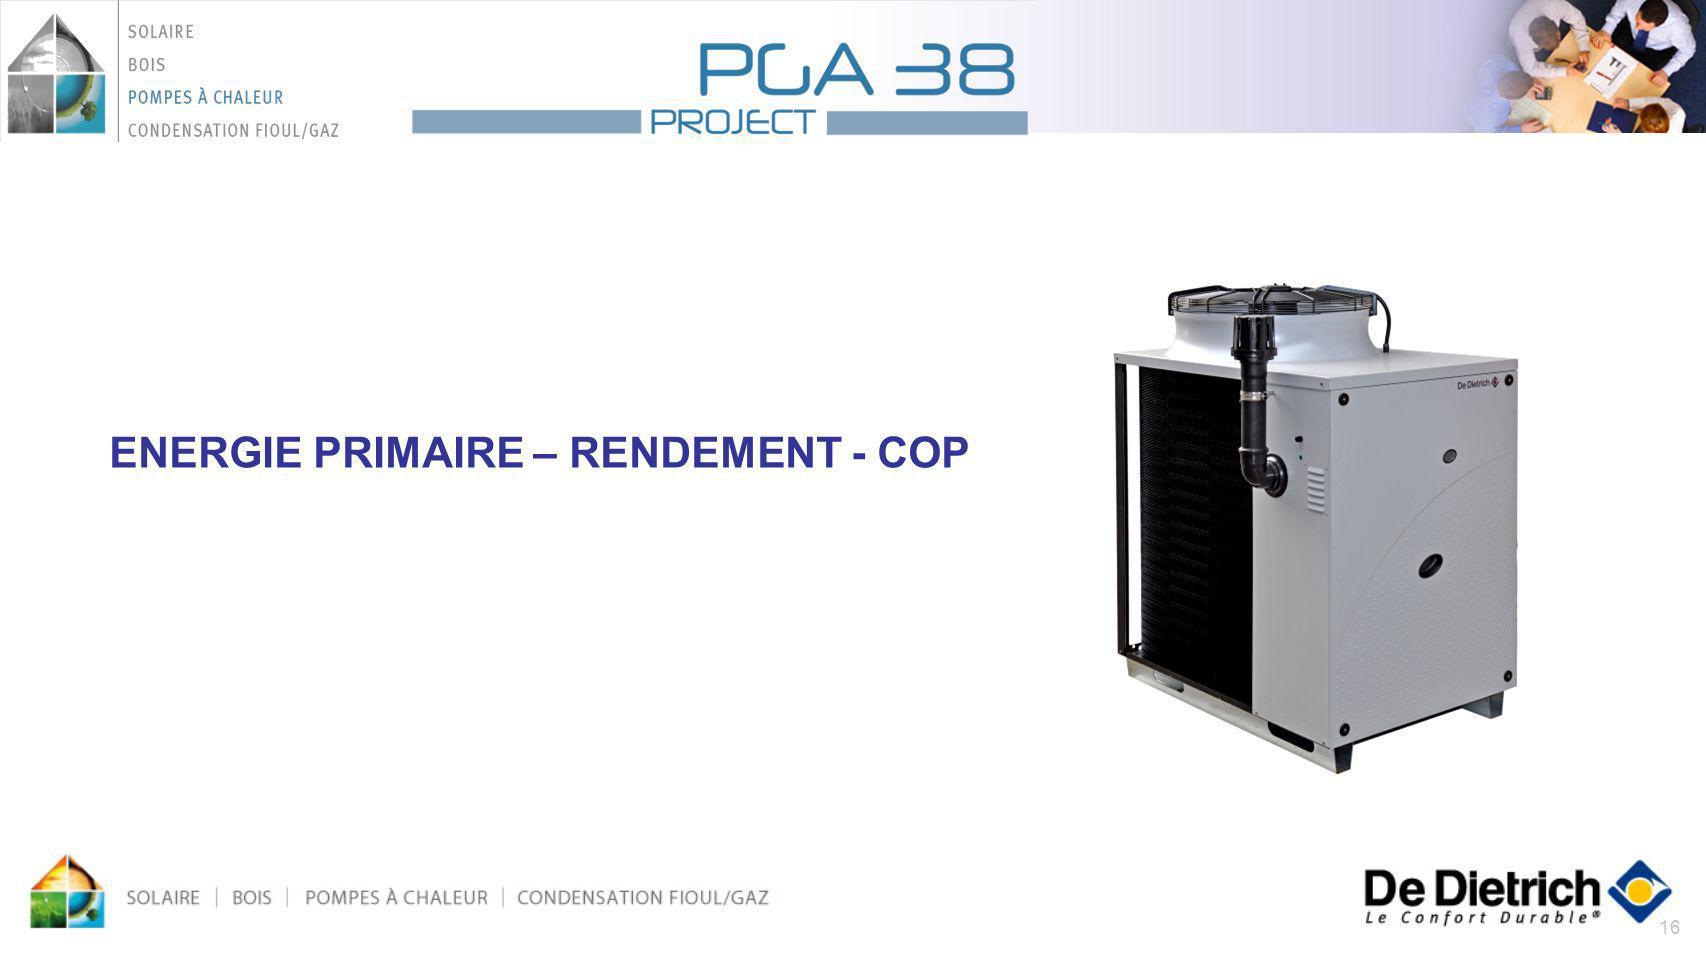 ENERGIE PRIMAIRE – RENDEMENT - COP